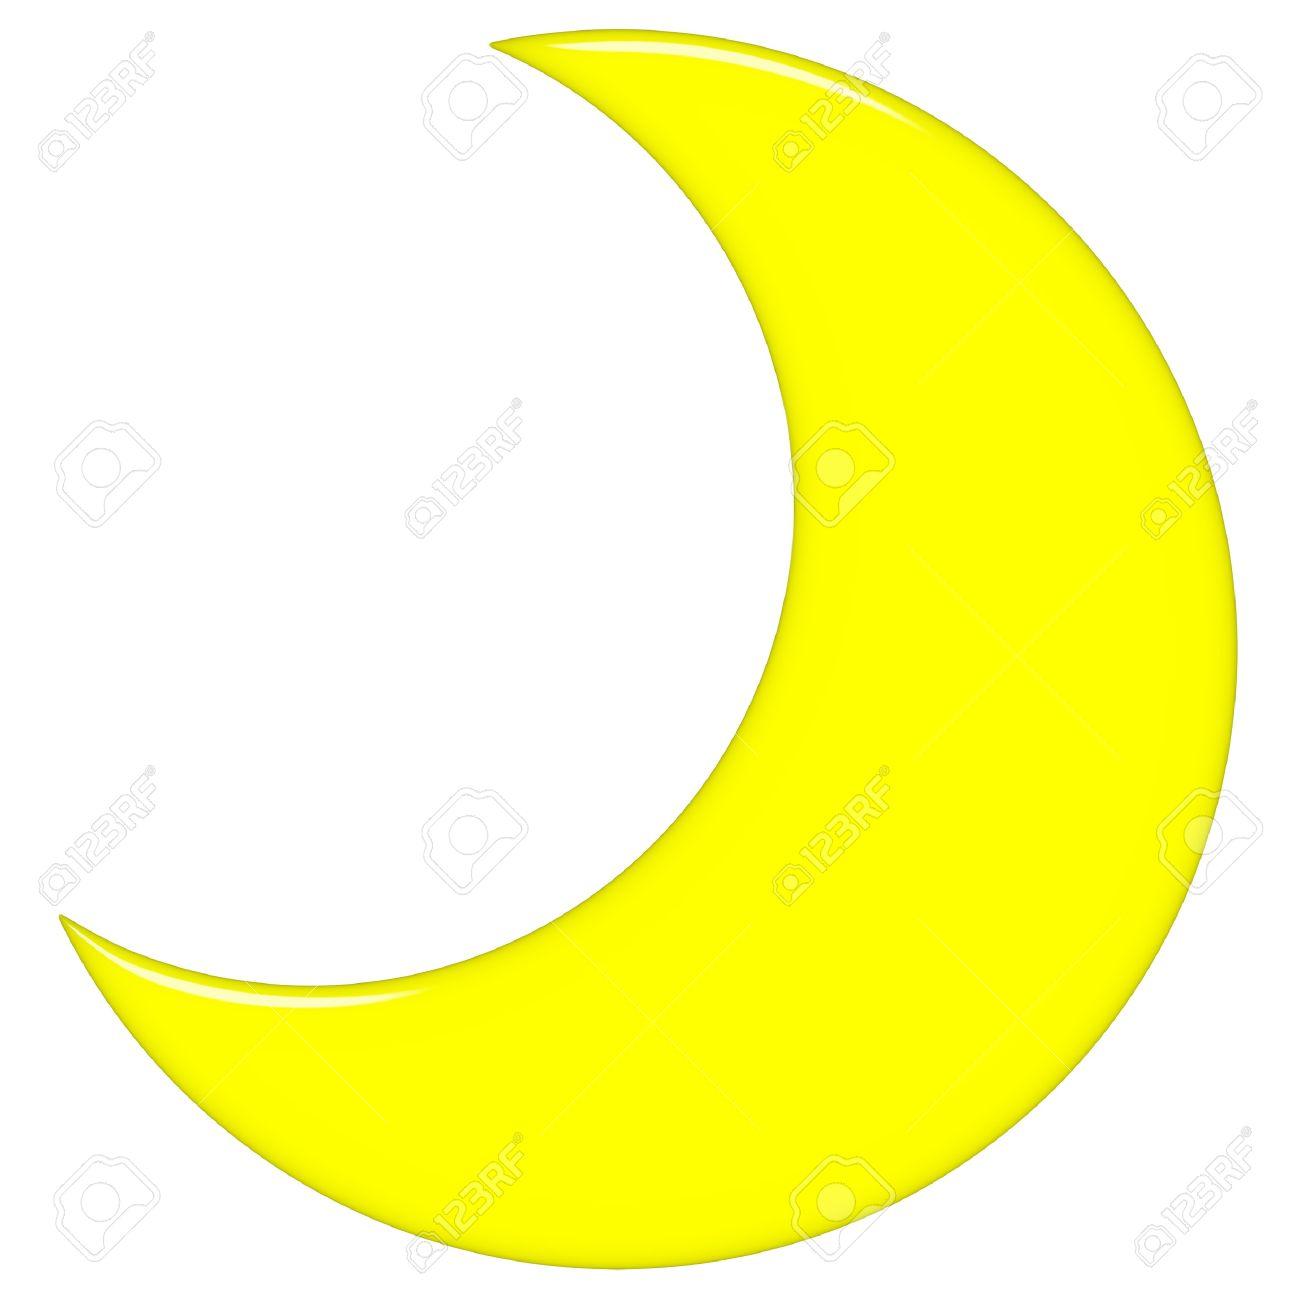 Half Moon Clipart - Moon Clip Art